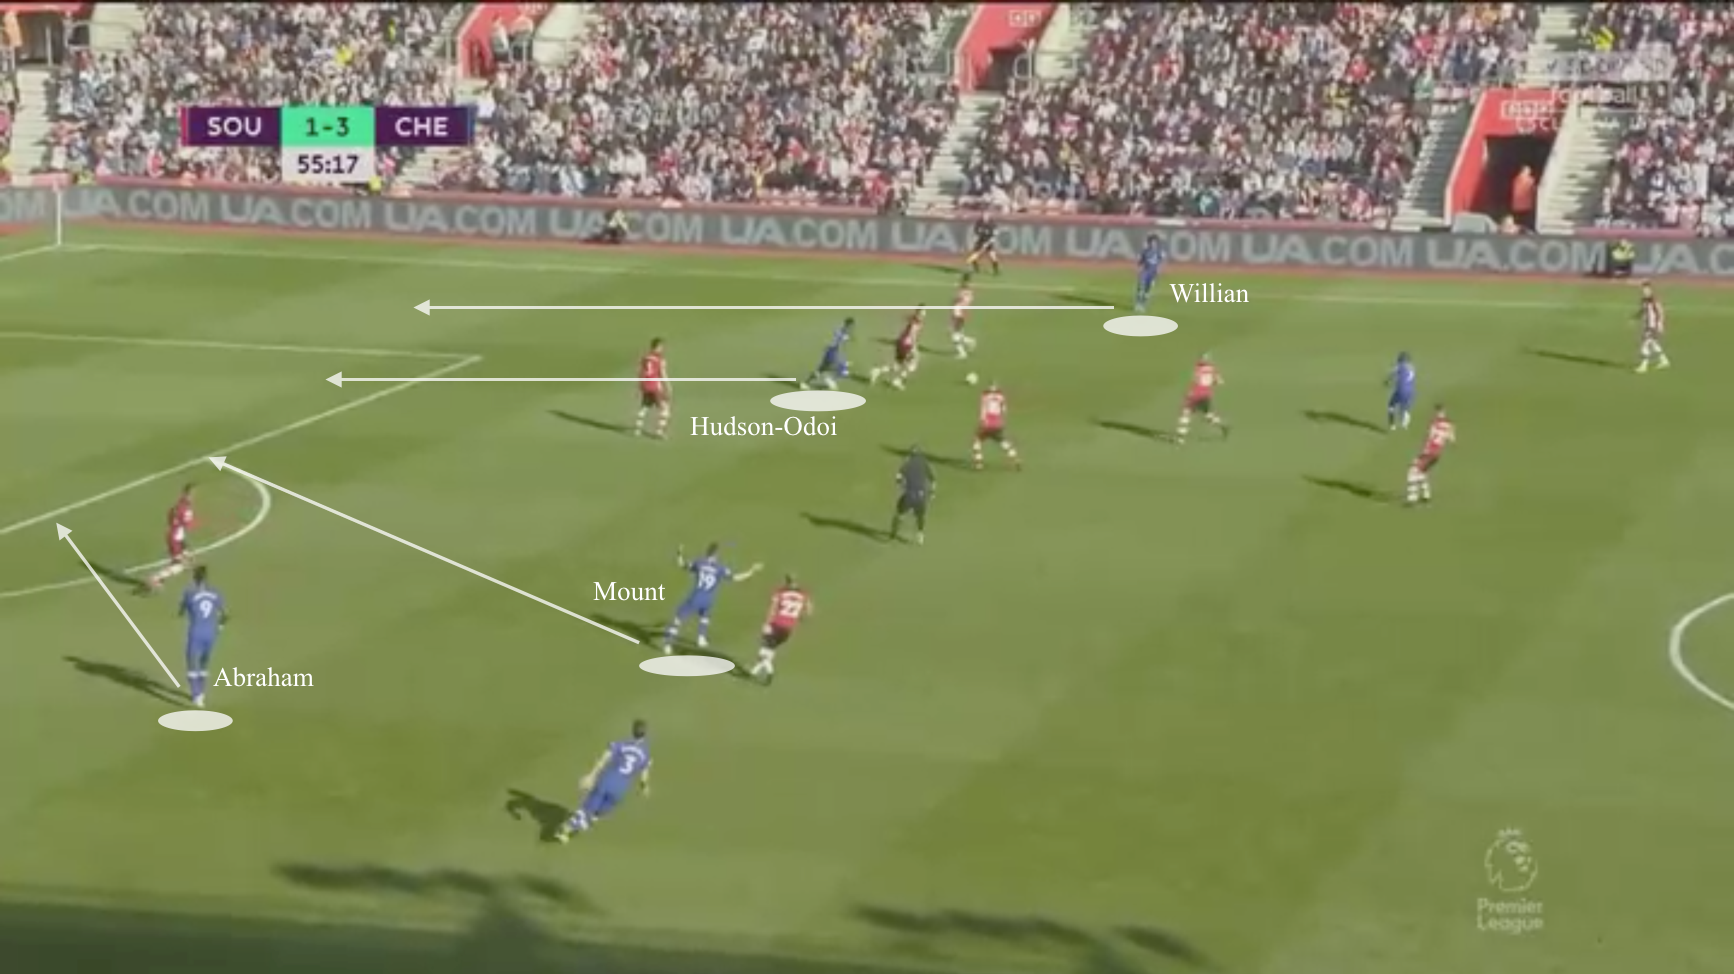 Premier League 2019/20: Southampton vs Chelsea - tactical analysis tactics